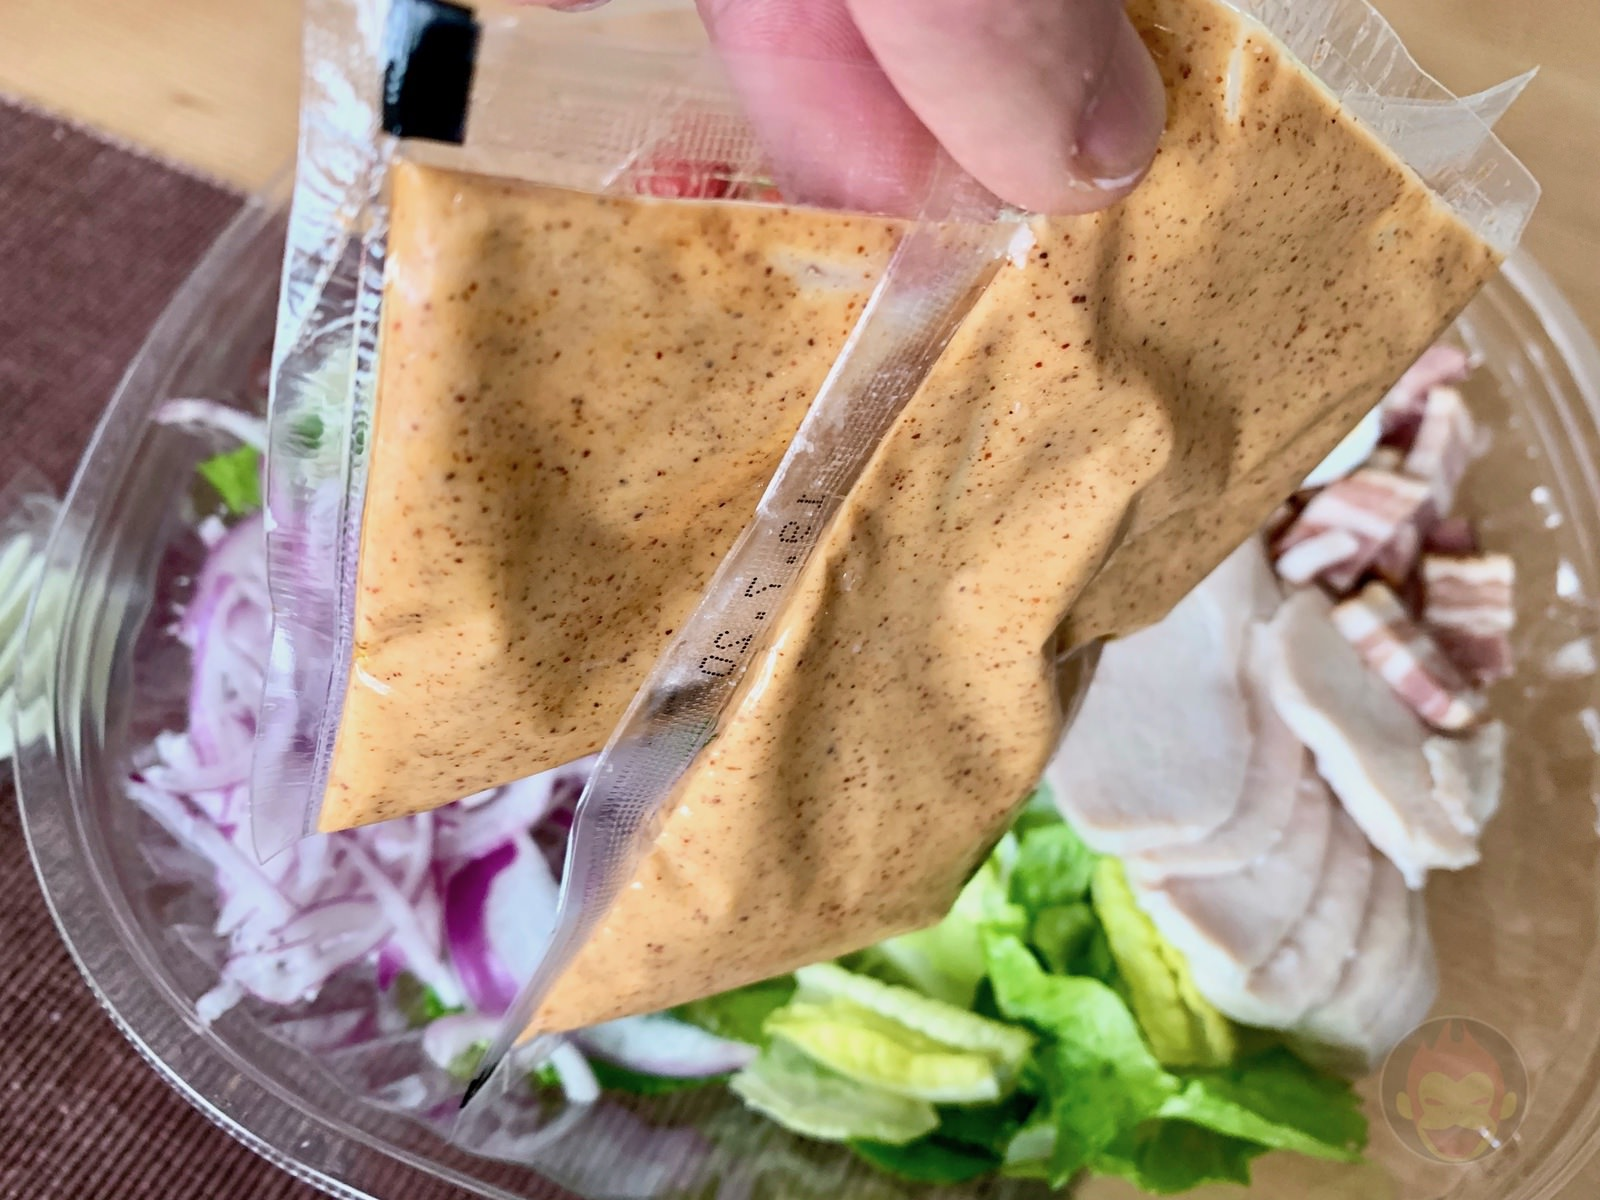 Costco Cobb Salad 06